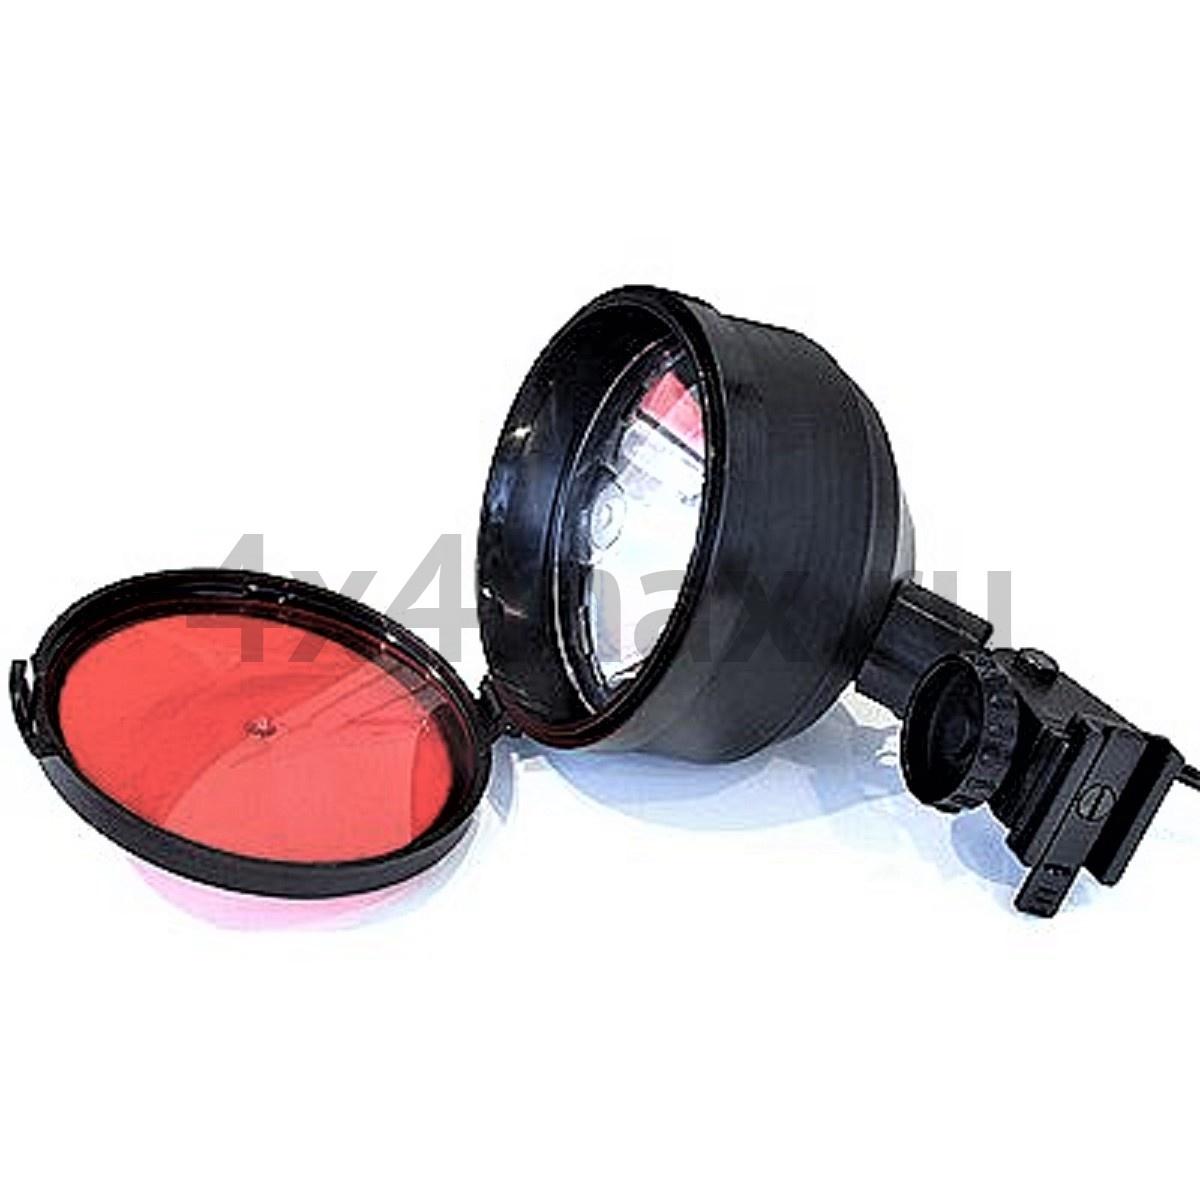 Как сделать светофильтр на фонарь